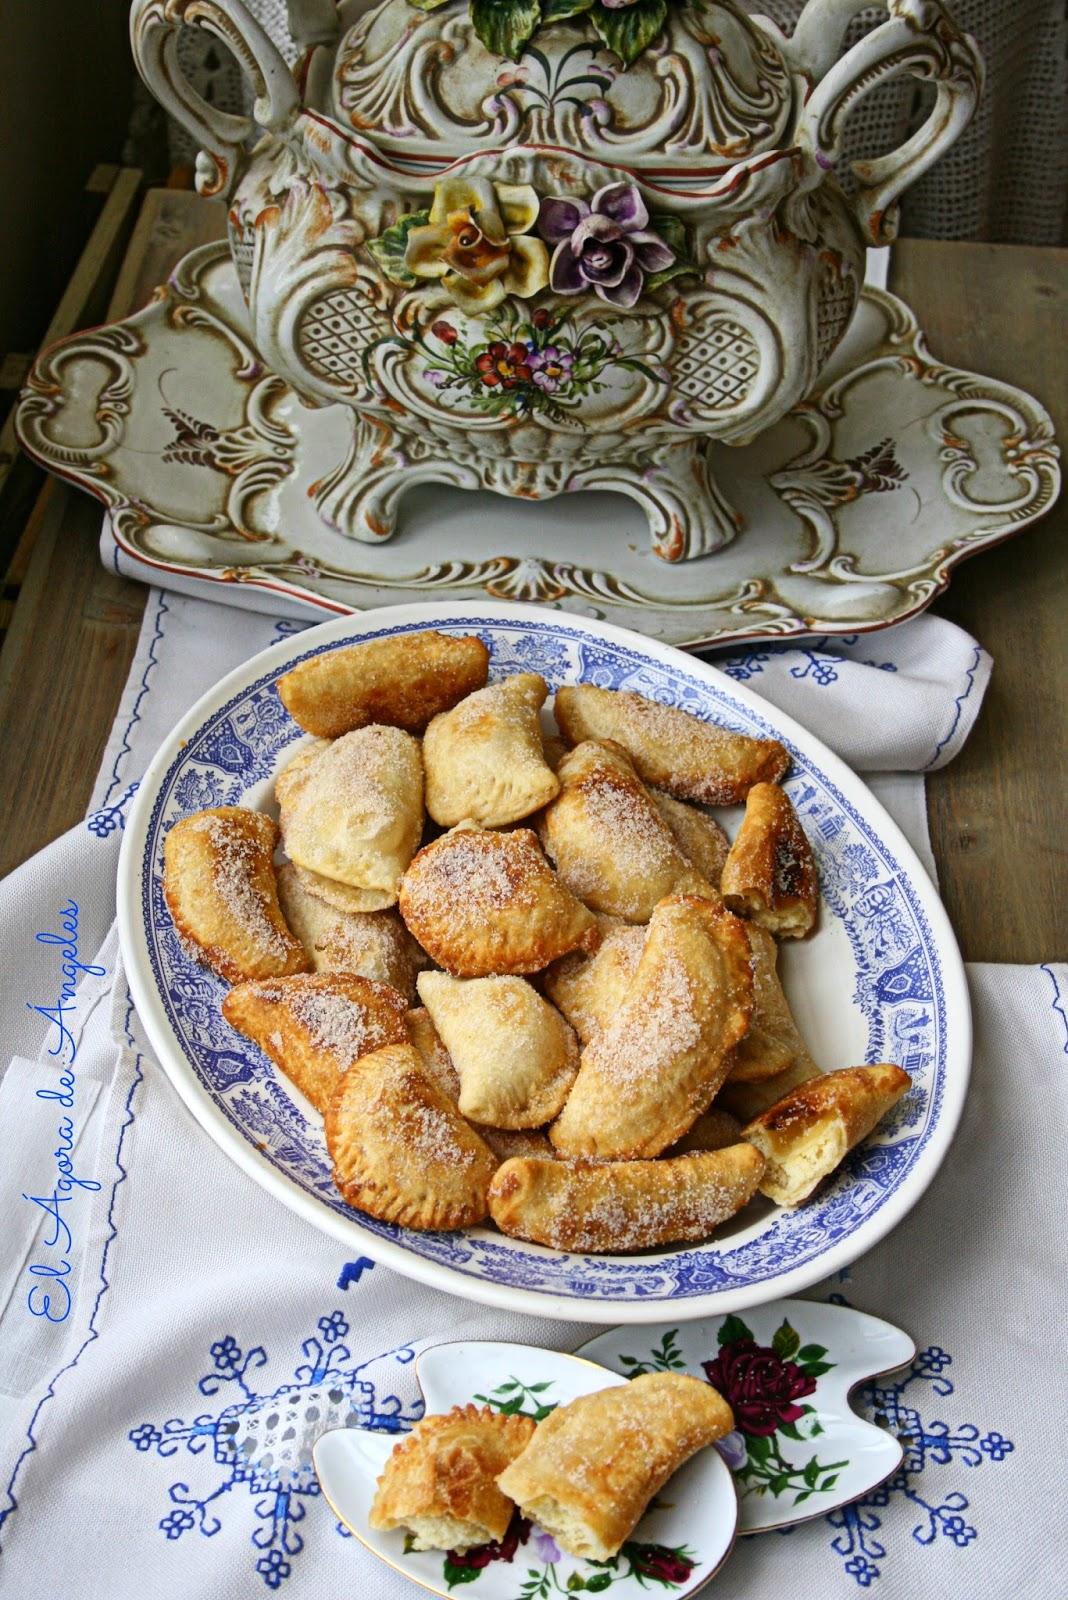 Empanadillas rellenas de bizcocho, empanadillas dulces